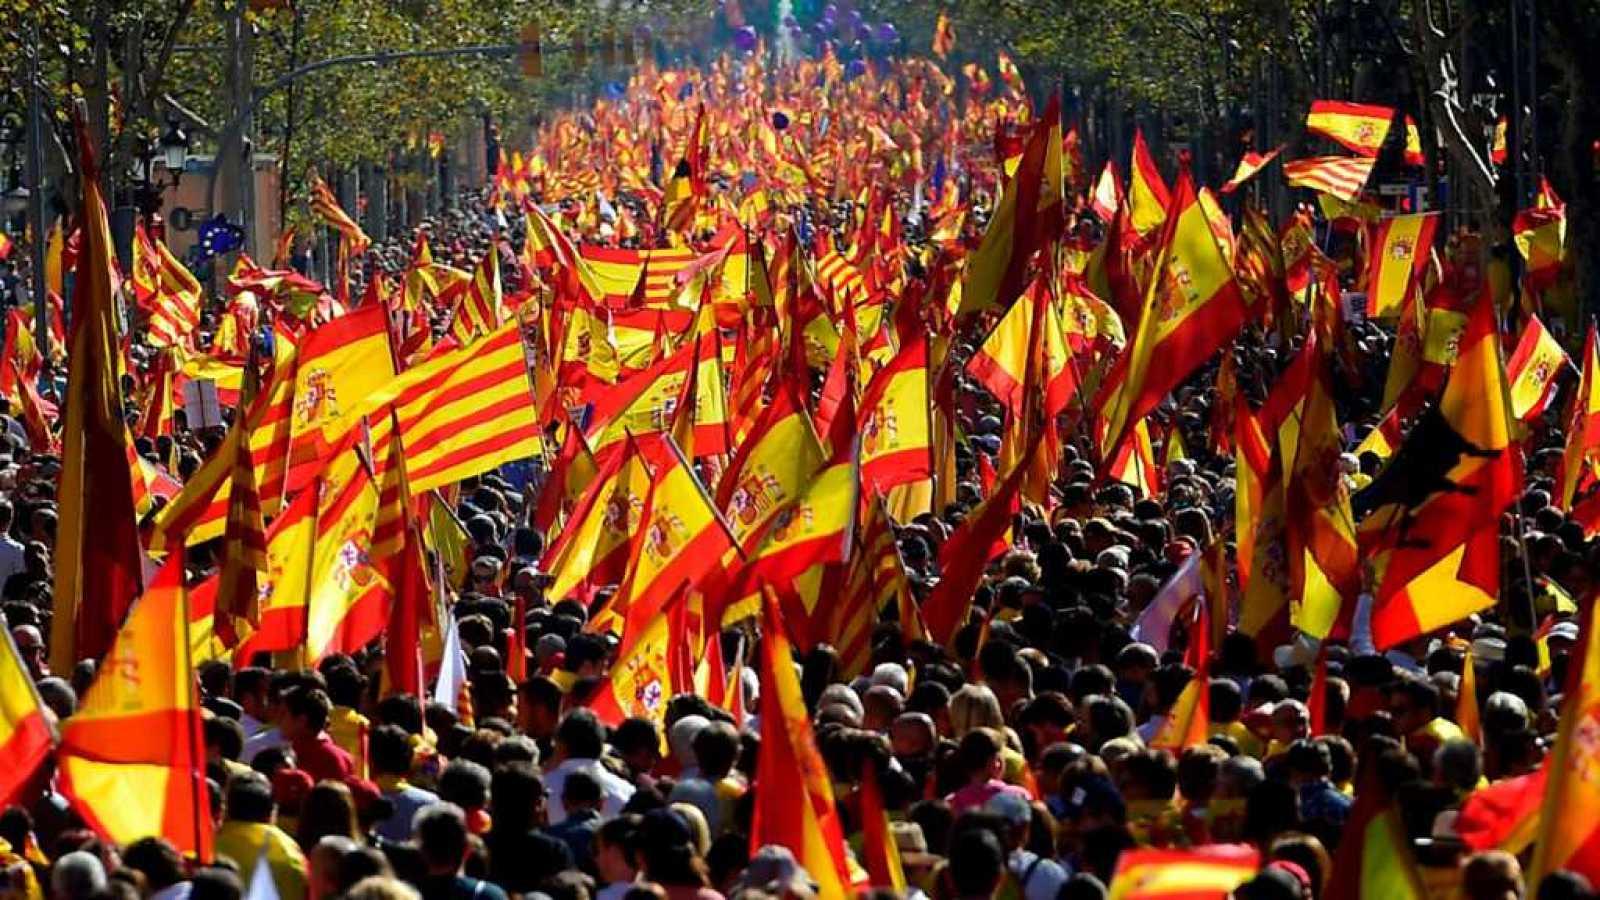 Especiales informativos - Manifestación en Barcelona - 29/10/17 - ver ahora